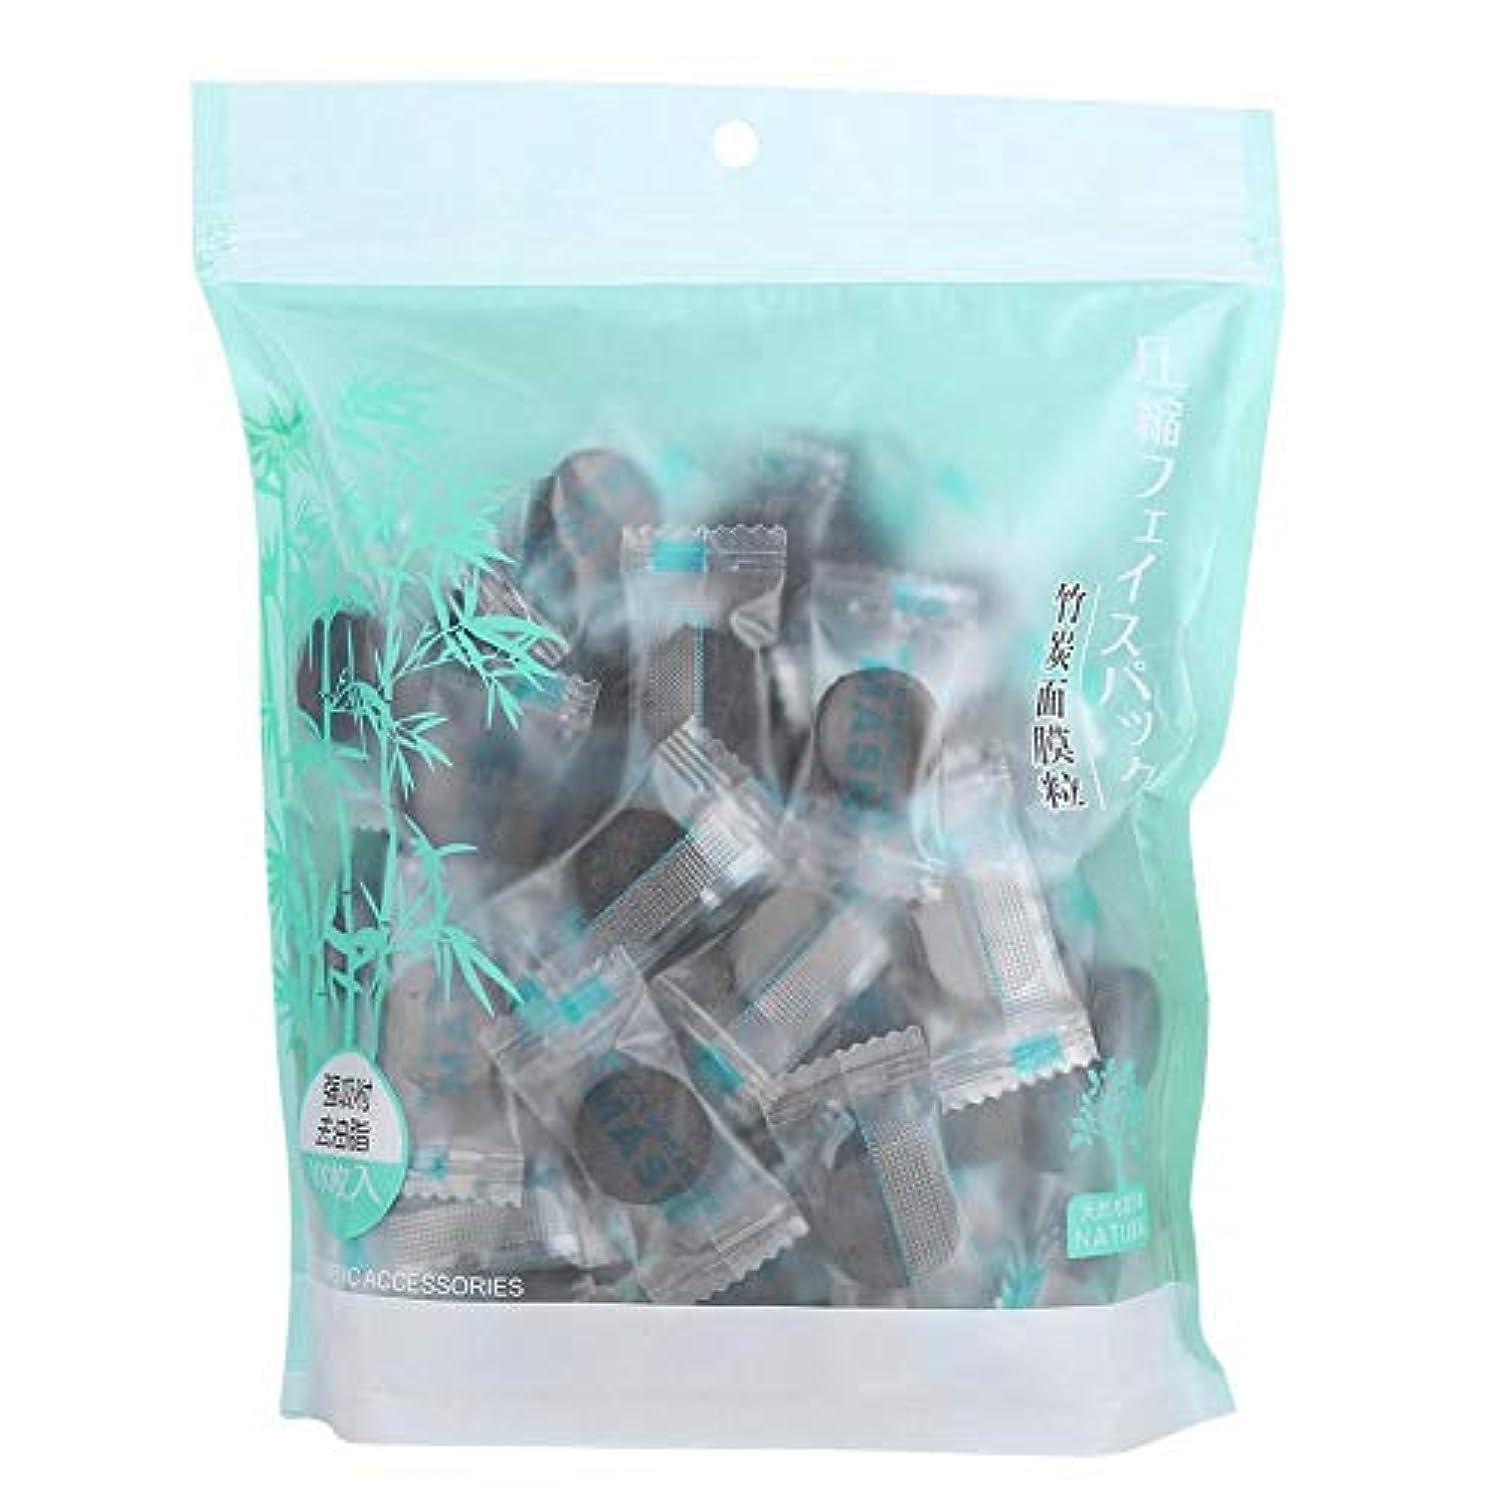 エントリスタジアムネックレット100個/パック使い捨て圧縮フェイスマスクDIYフェイシャルマスクペーパースキンケアツール